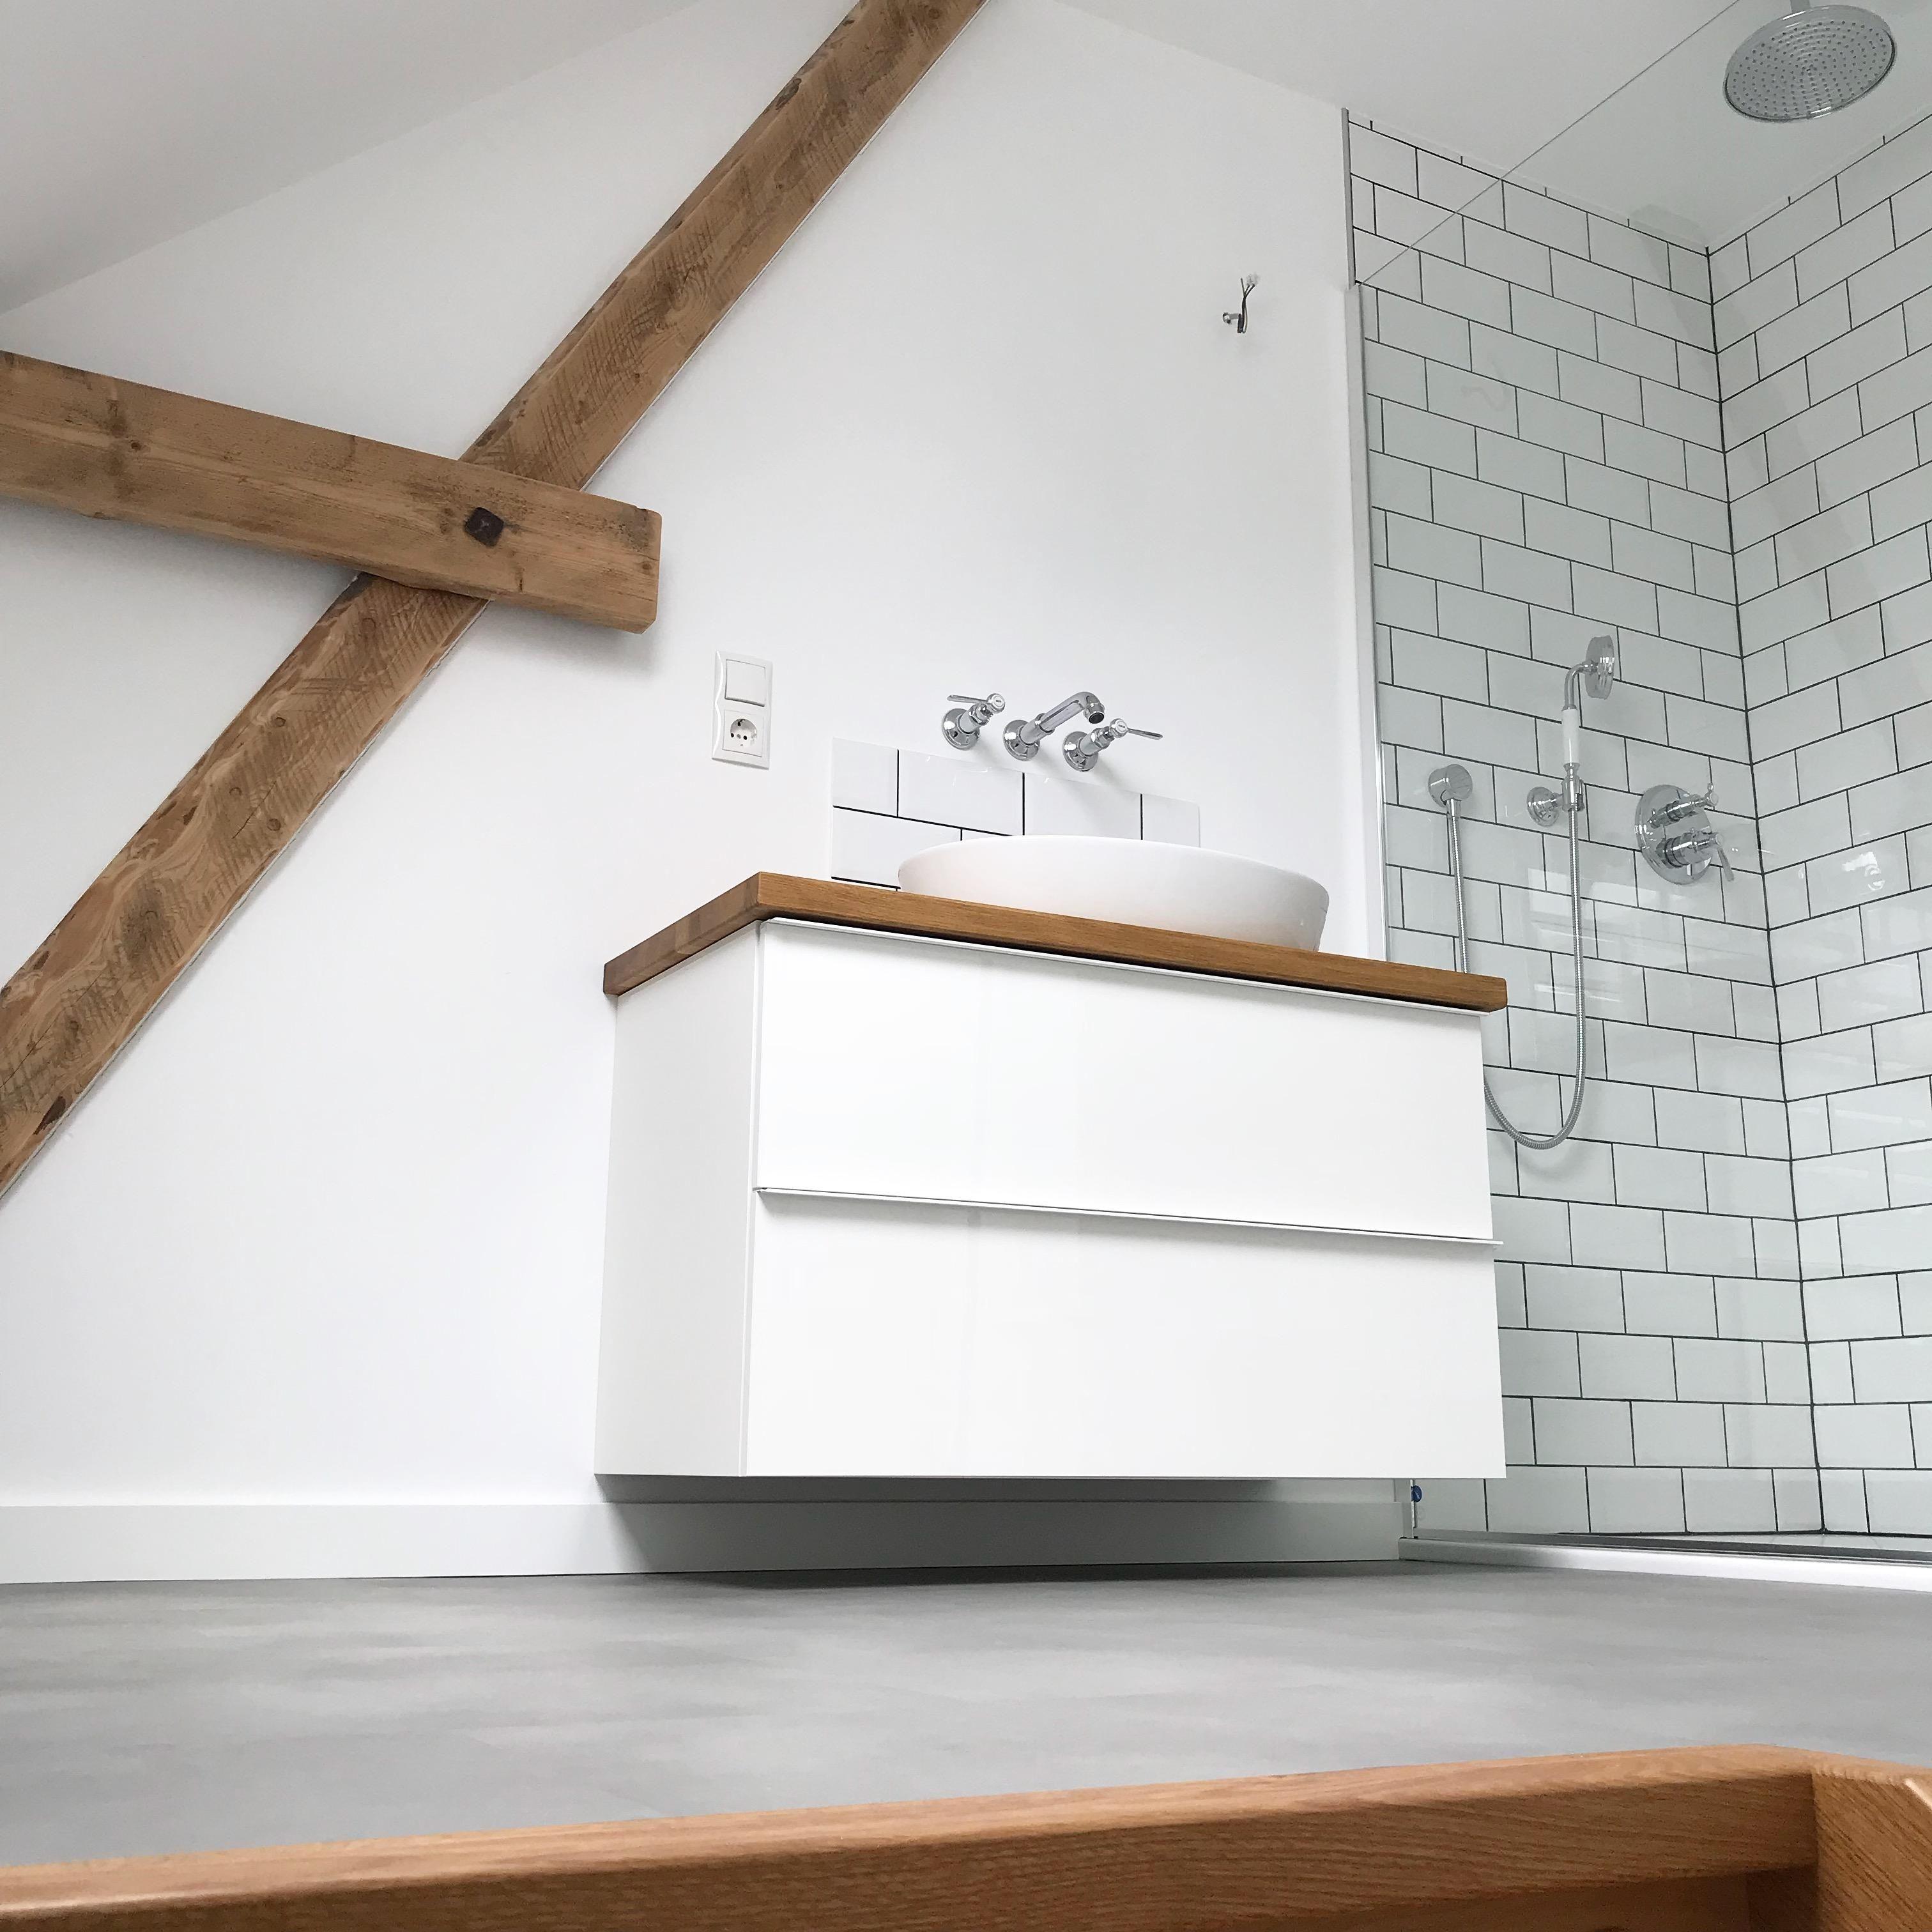 Bald Ist Das Bad Fertig Badezimmer Dusche Was Badezimmer Badezimmer Waschtische Badezimmerideen